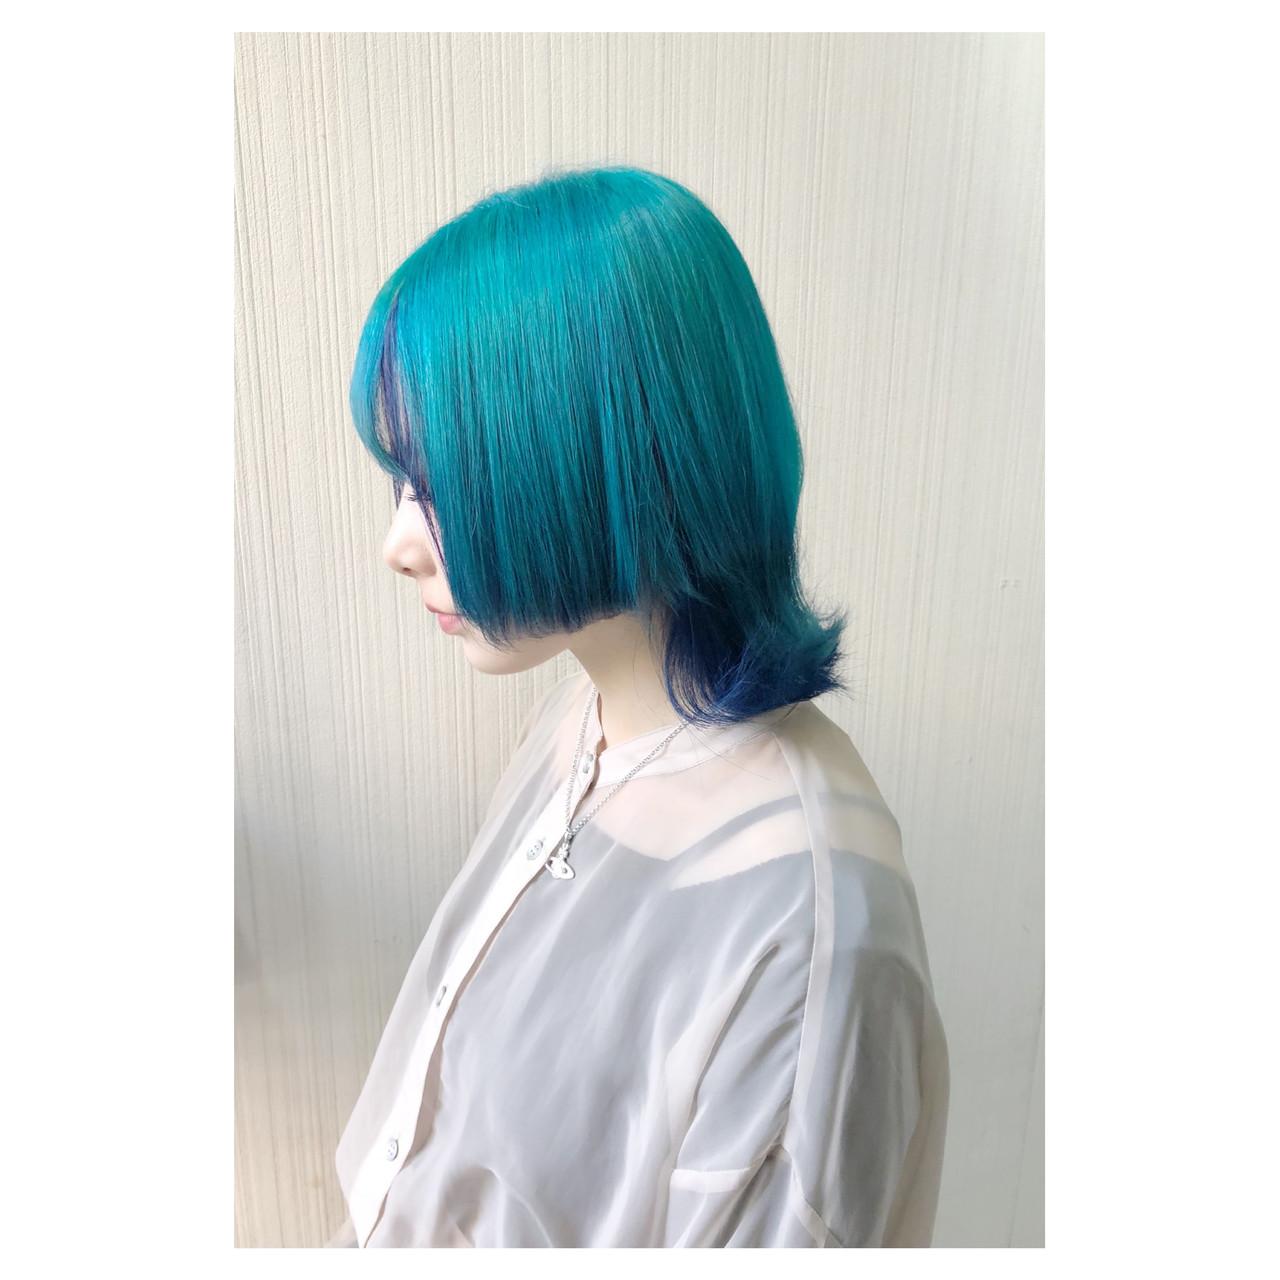 フェミニン セミロング ゆるふわ アッシュ ヘアスタイルや髪型の写真・画像 | クラ / TOMCAT